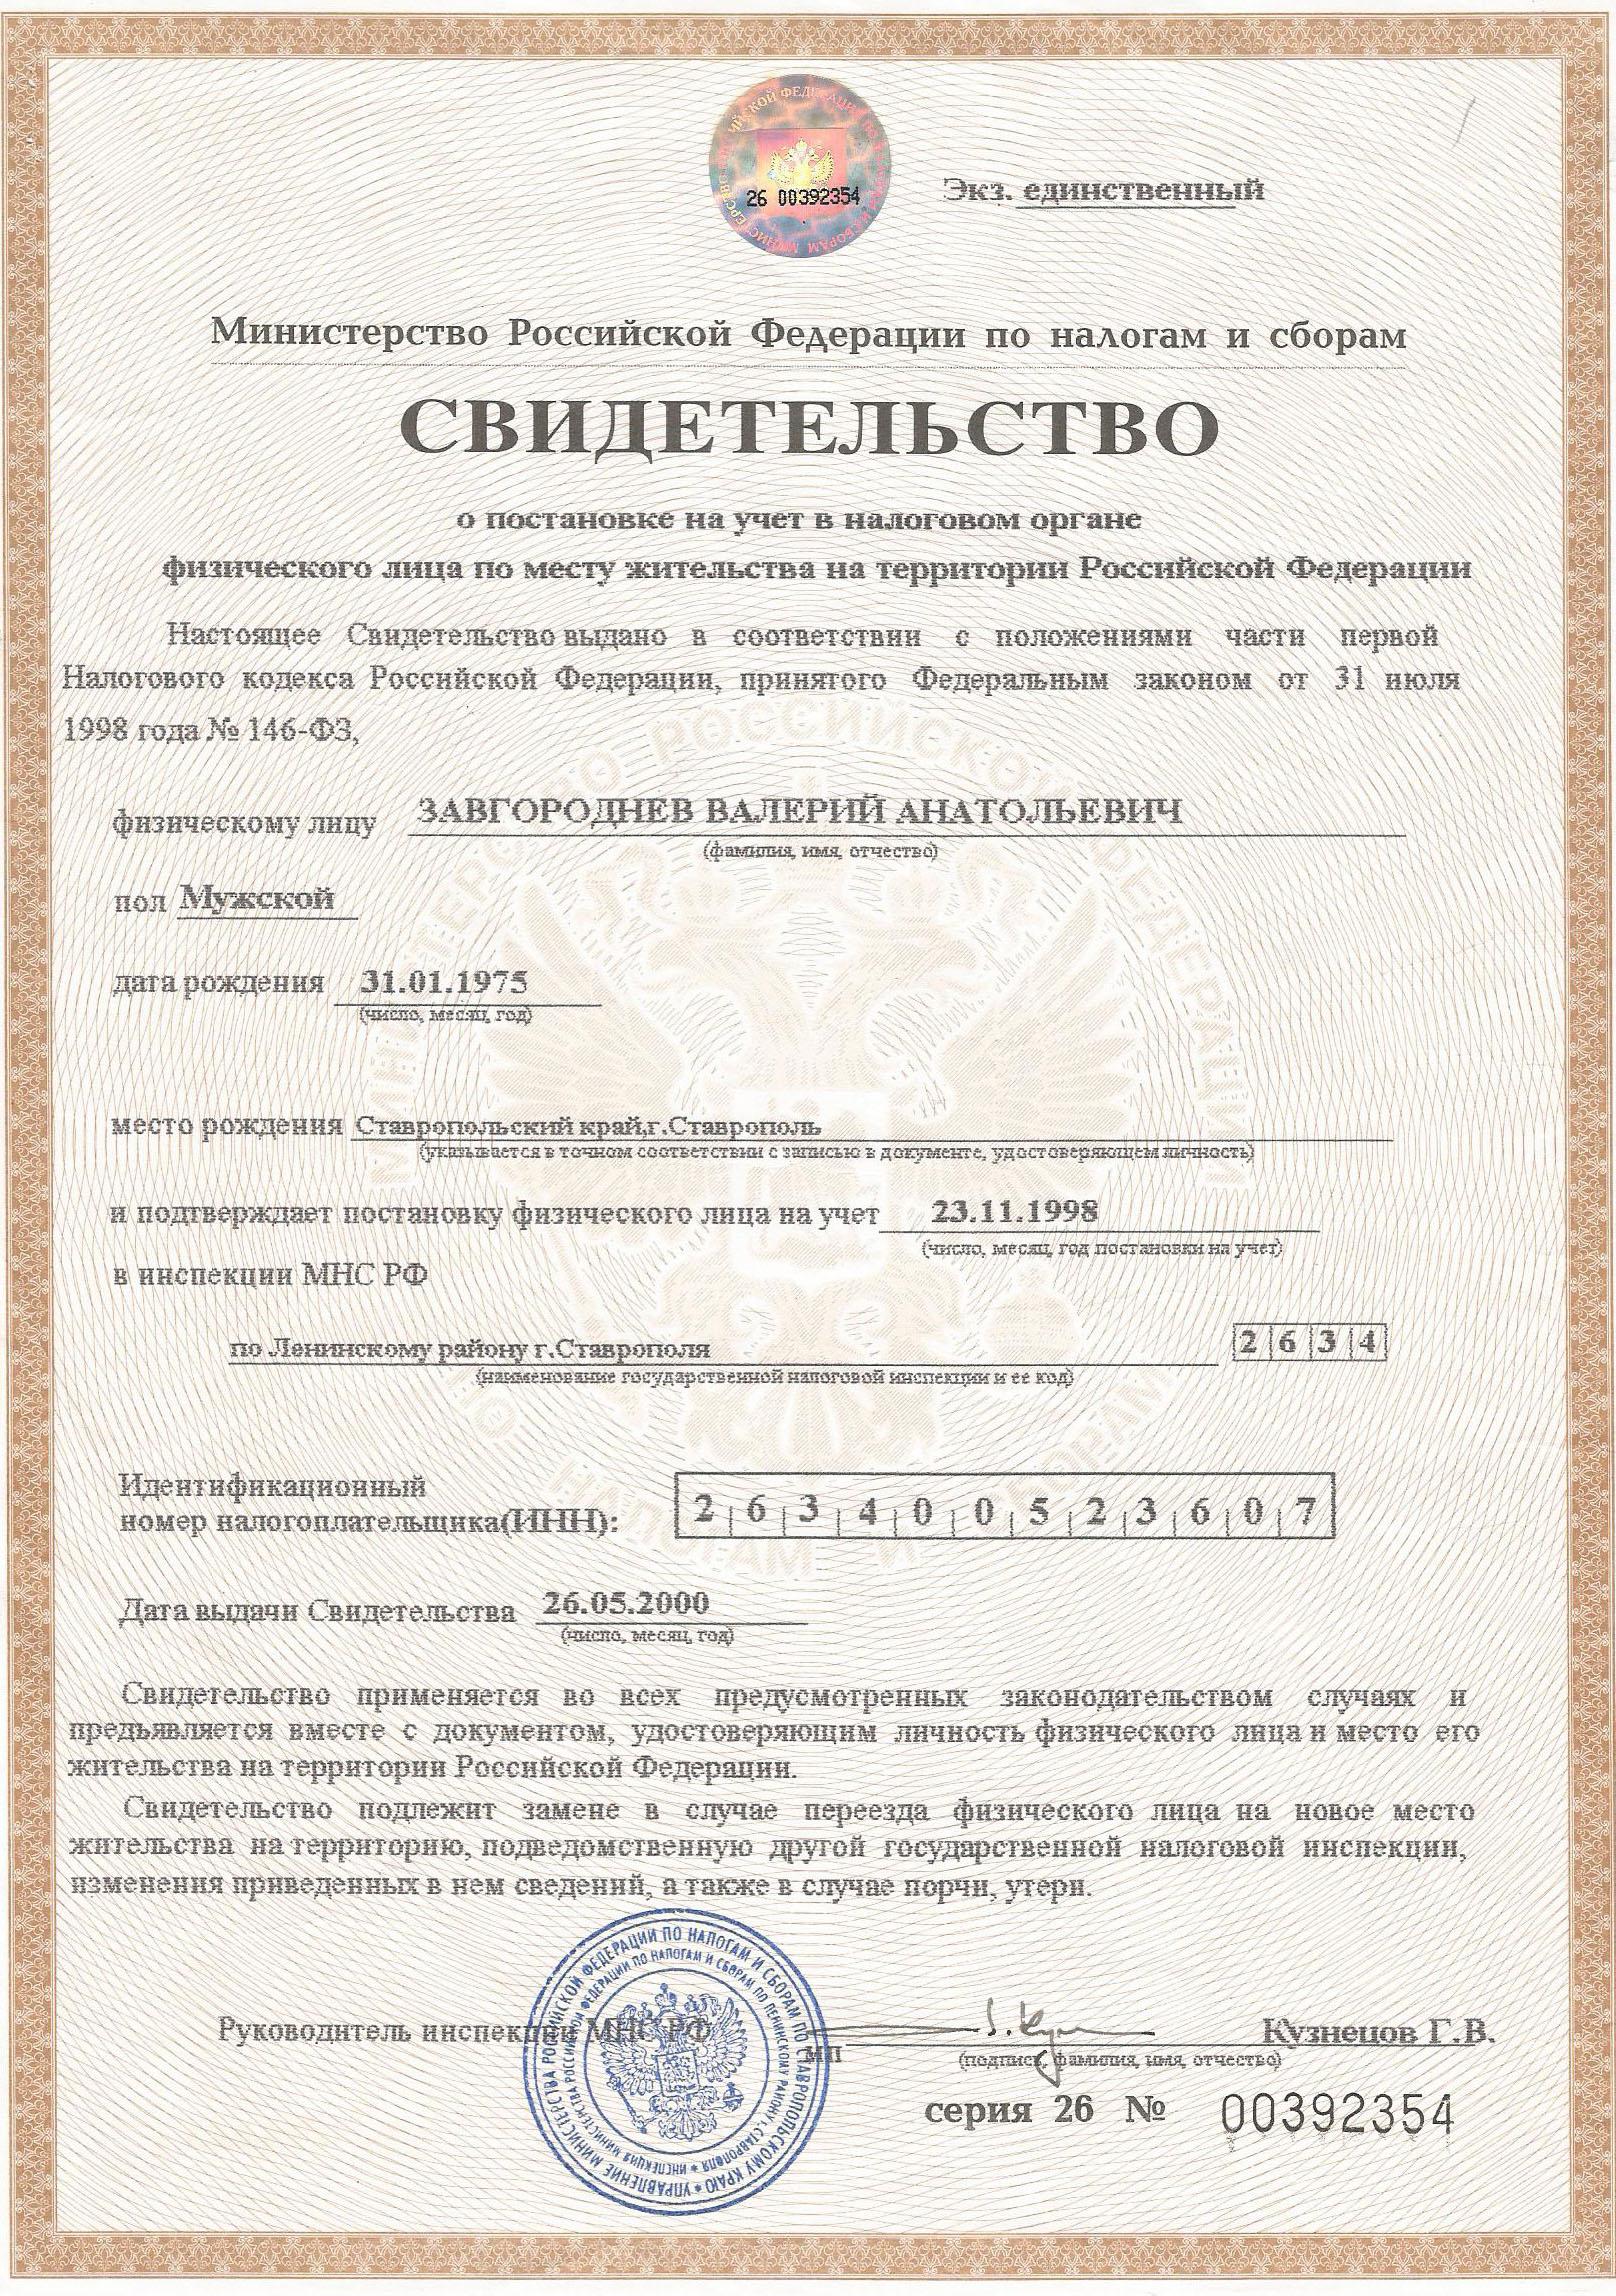 Получение ИНН (идентификационного номера) 51